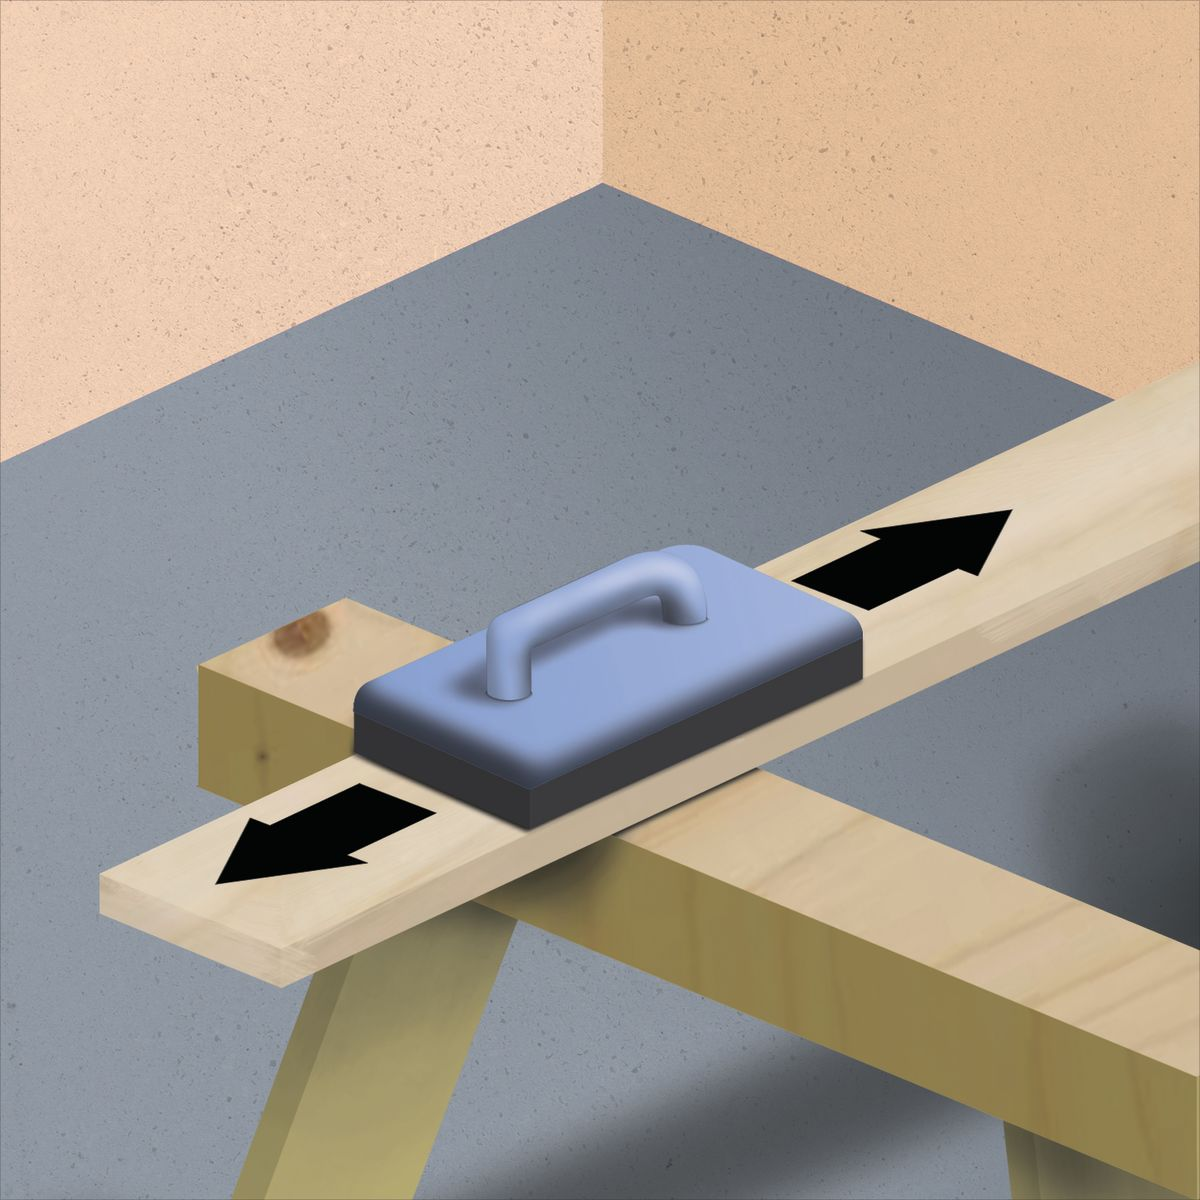 Come rinnovare porte interne e finestre in legno - Guide e Tutorial ...